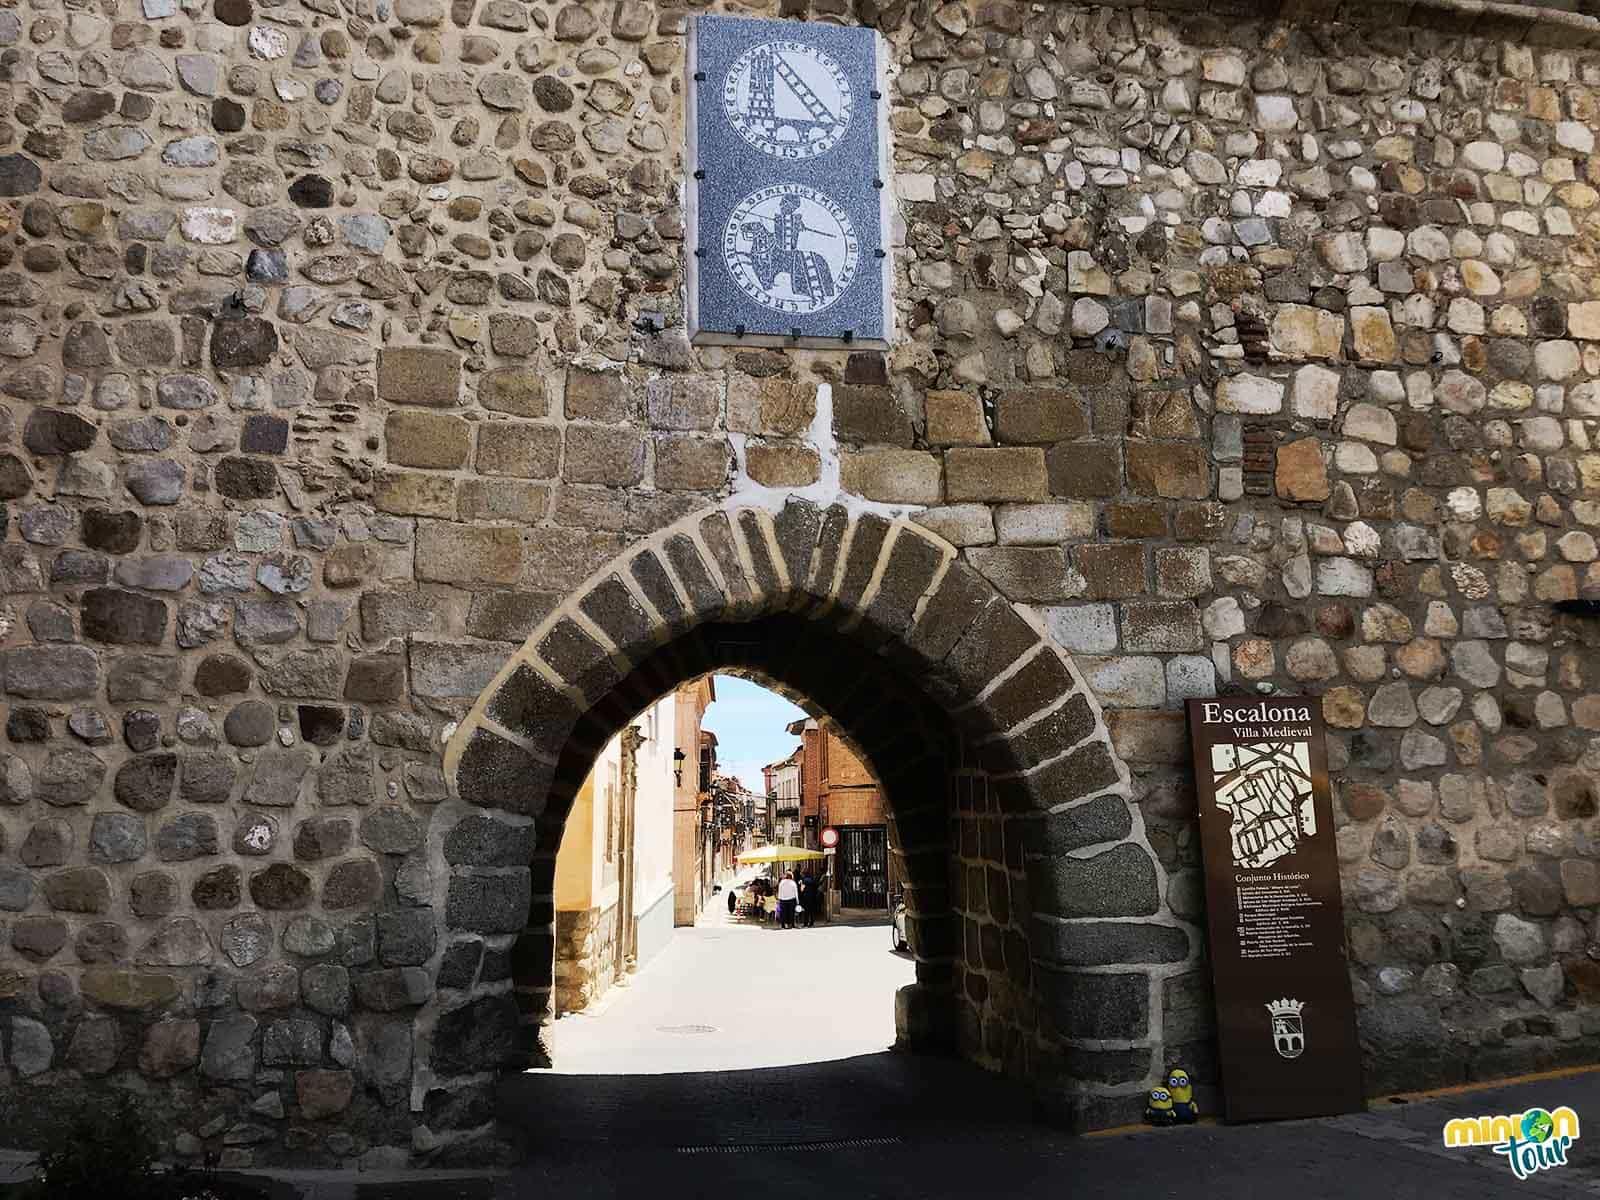 Tienes que ver en Escalona el Arco de San Miguel